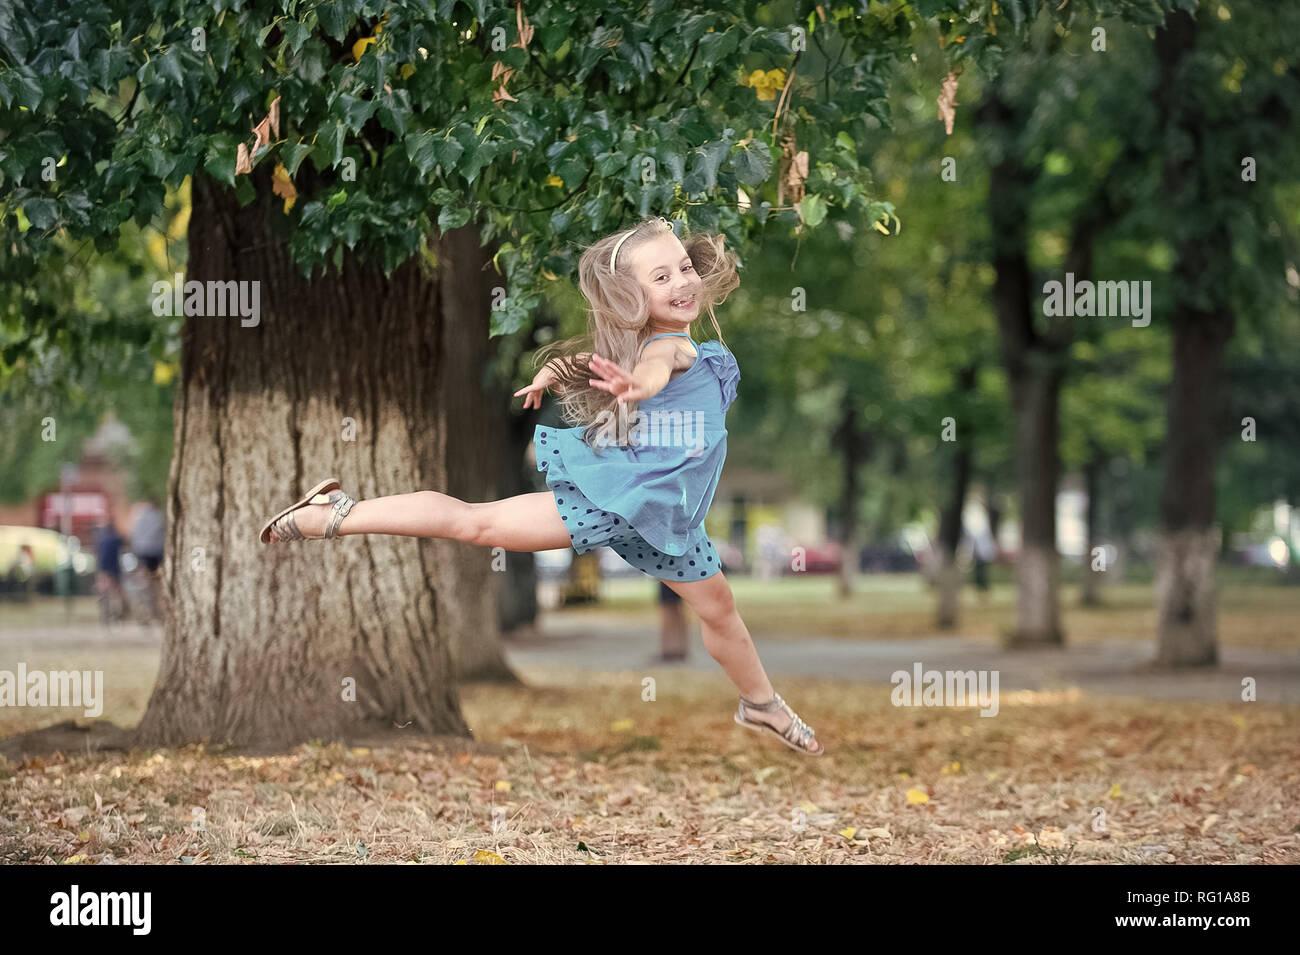 8bc21cd7a6b Niña bailarina saltar en verano park. Danza infantil en vestido azul ...